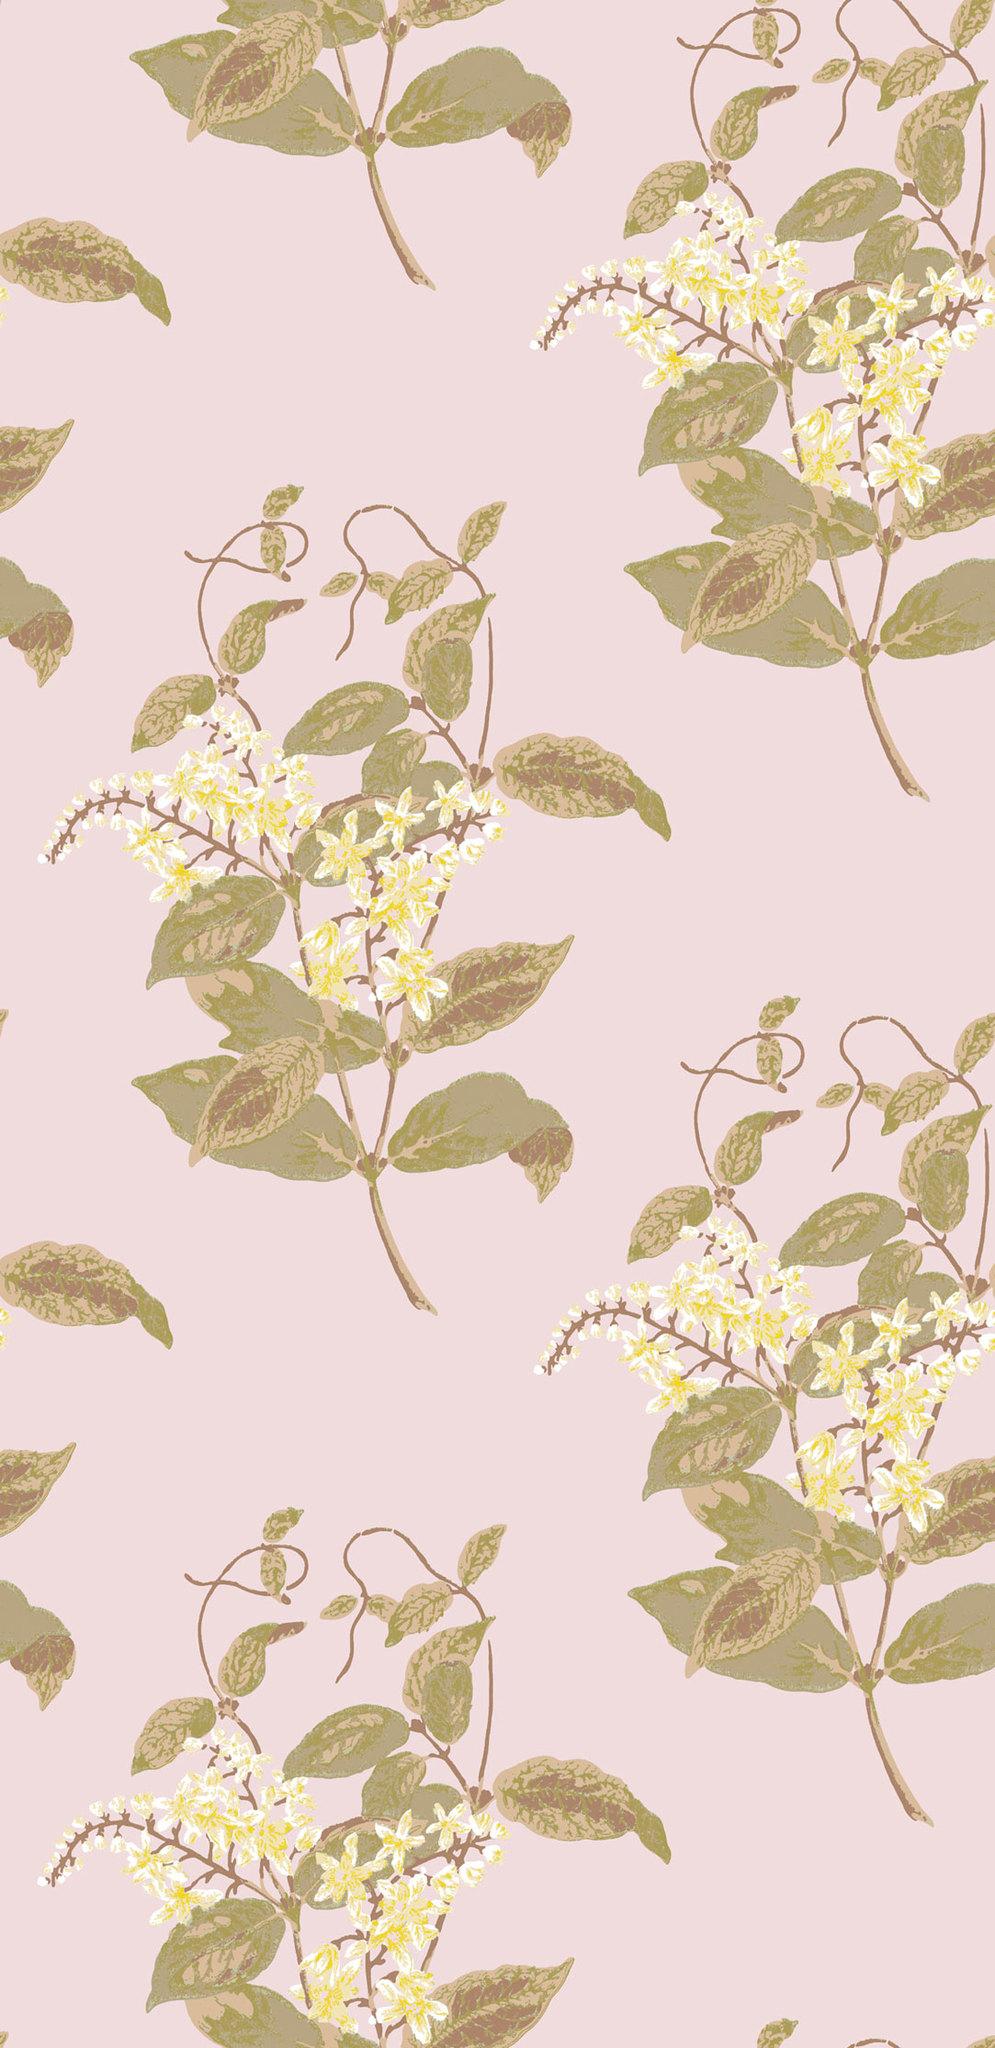 Обои Cole & Son Collection of Flowers 81/6025, интернет магазин Волео